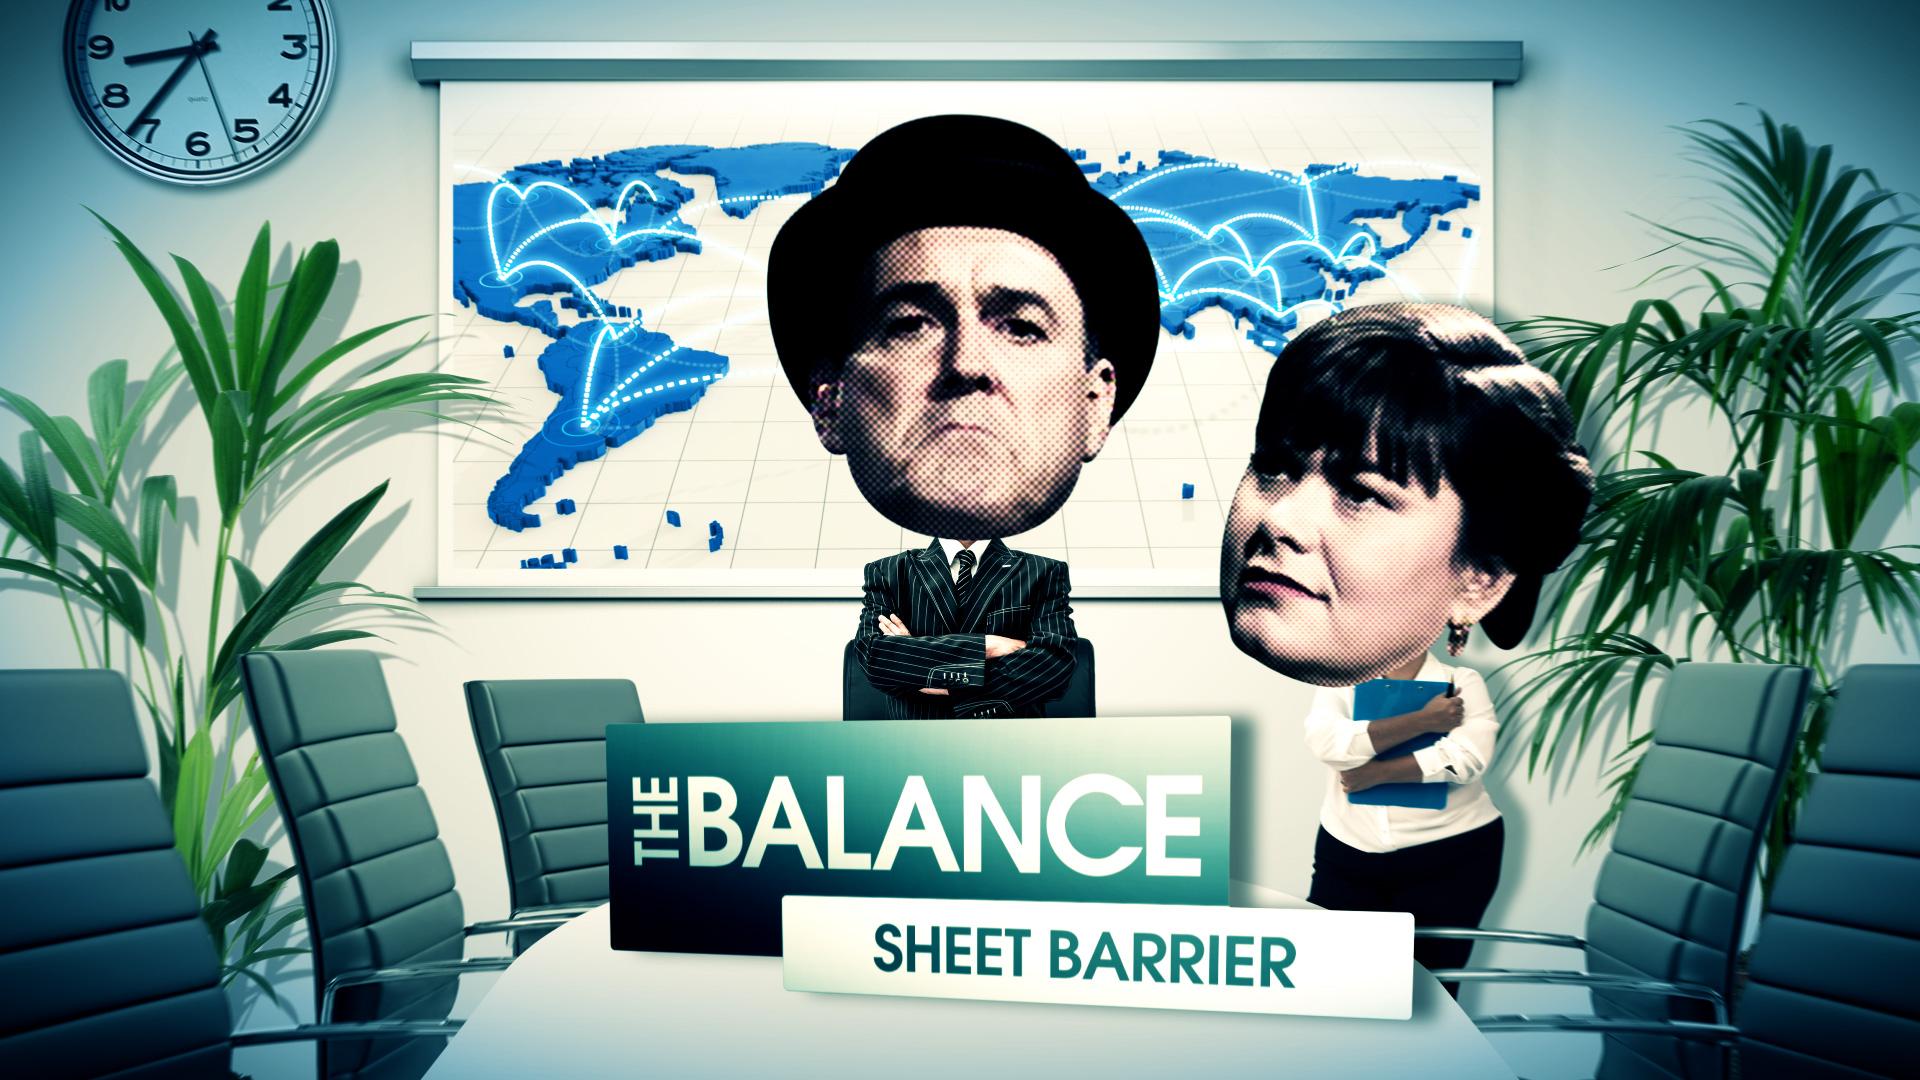 Balance Sheet Barrier